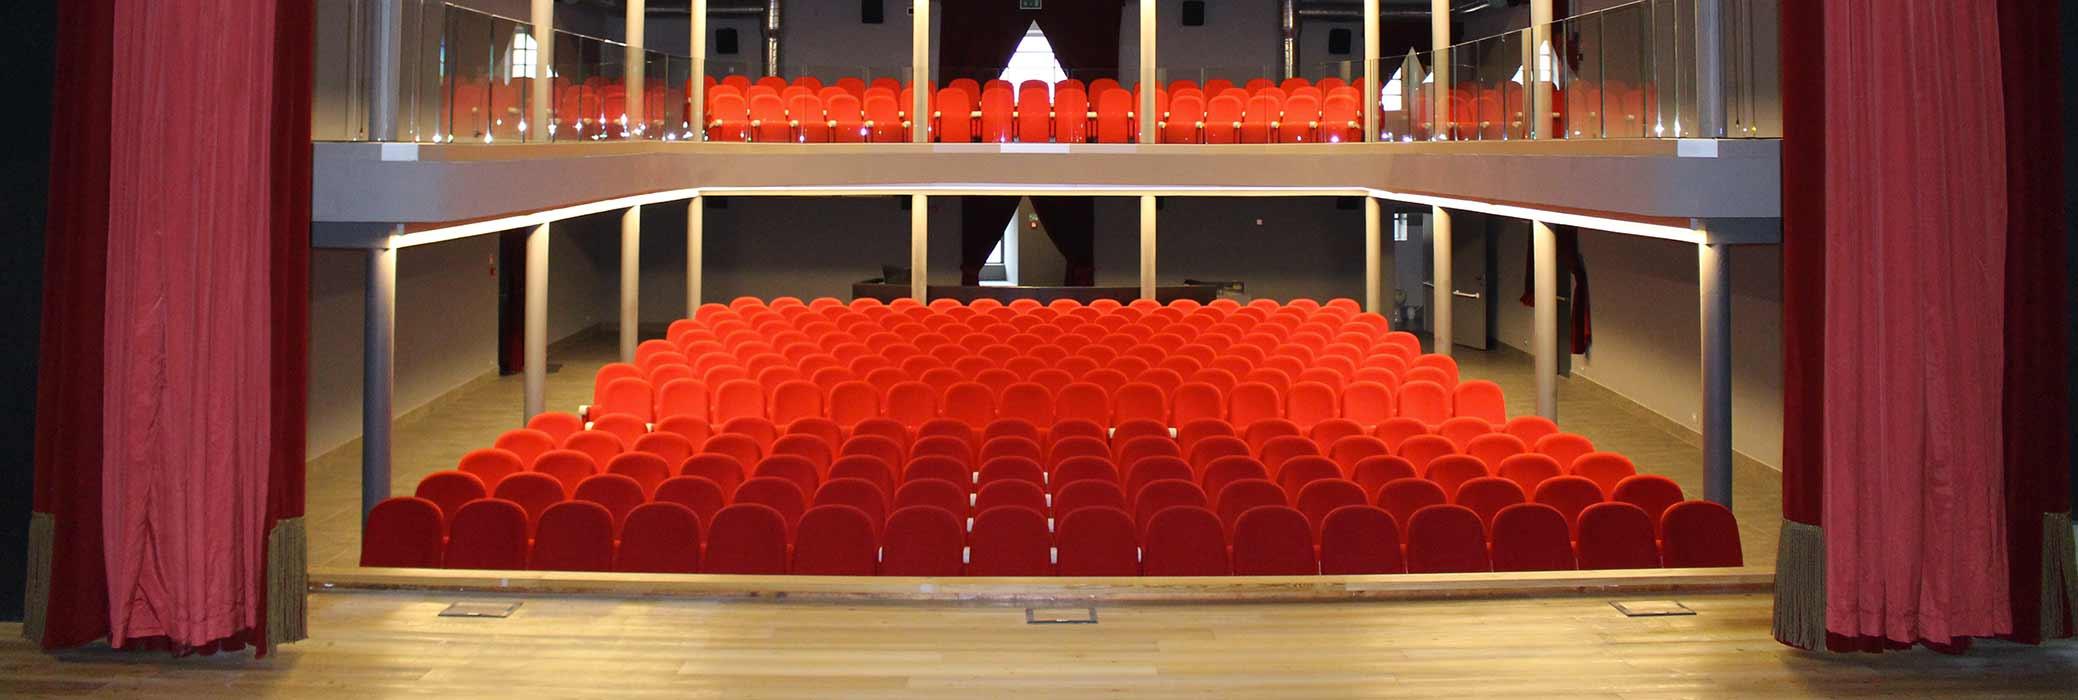 Teatro Nembro spettacoli per bambini